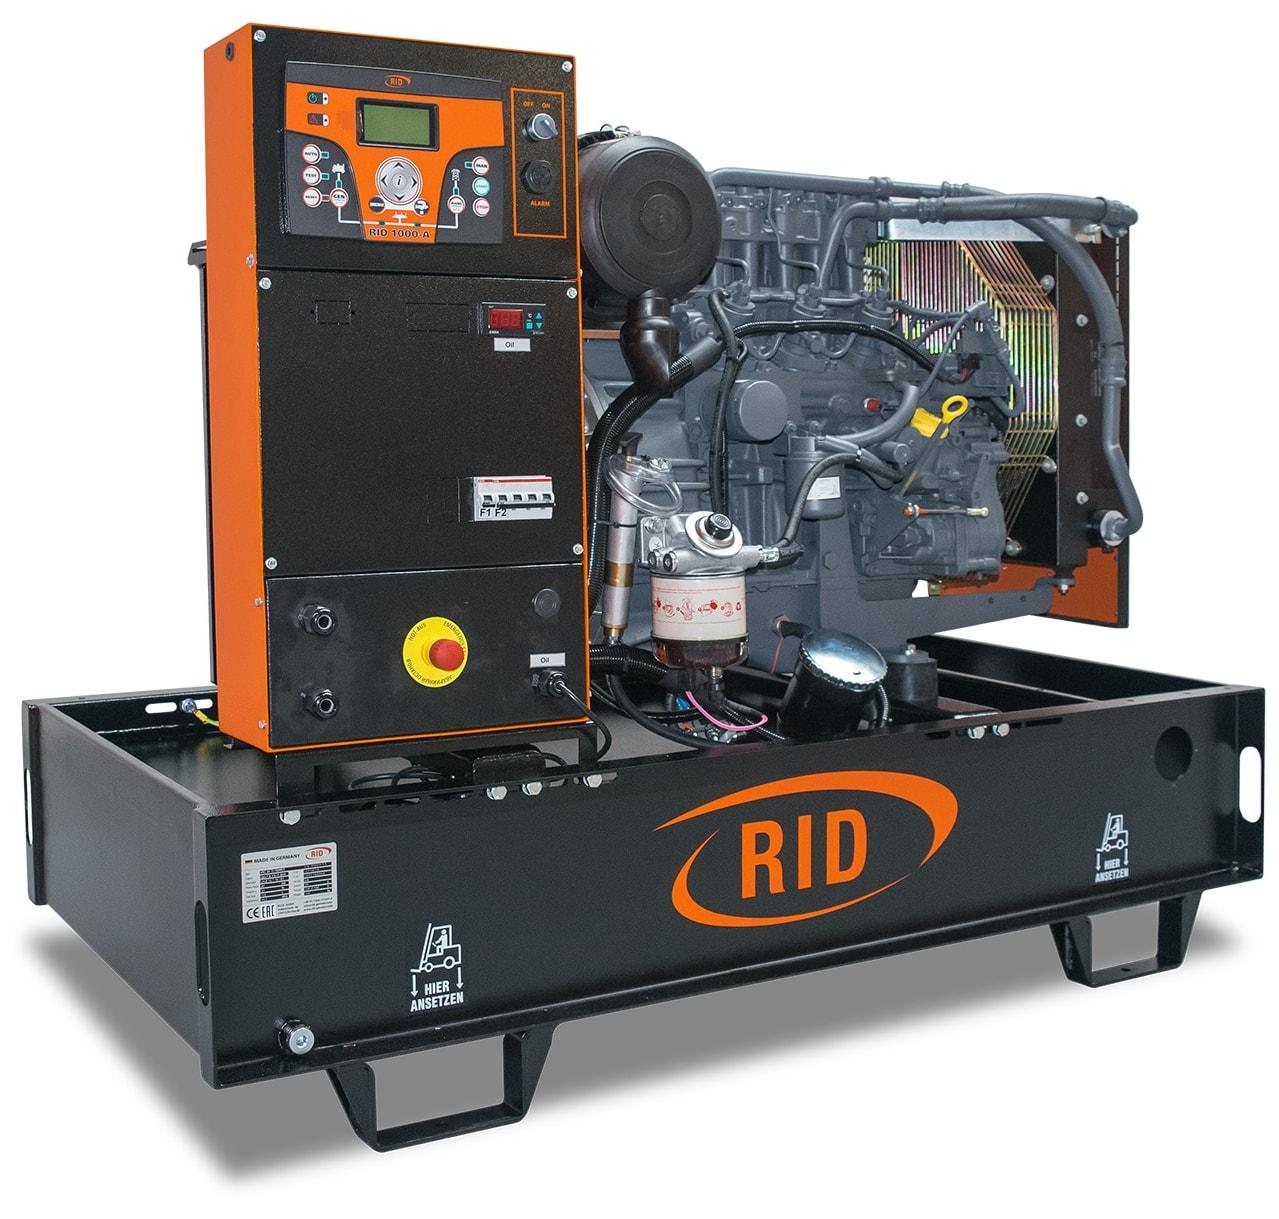 дизельная электростанция rid 15 s-series